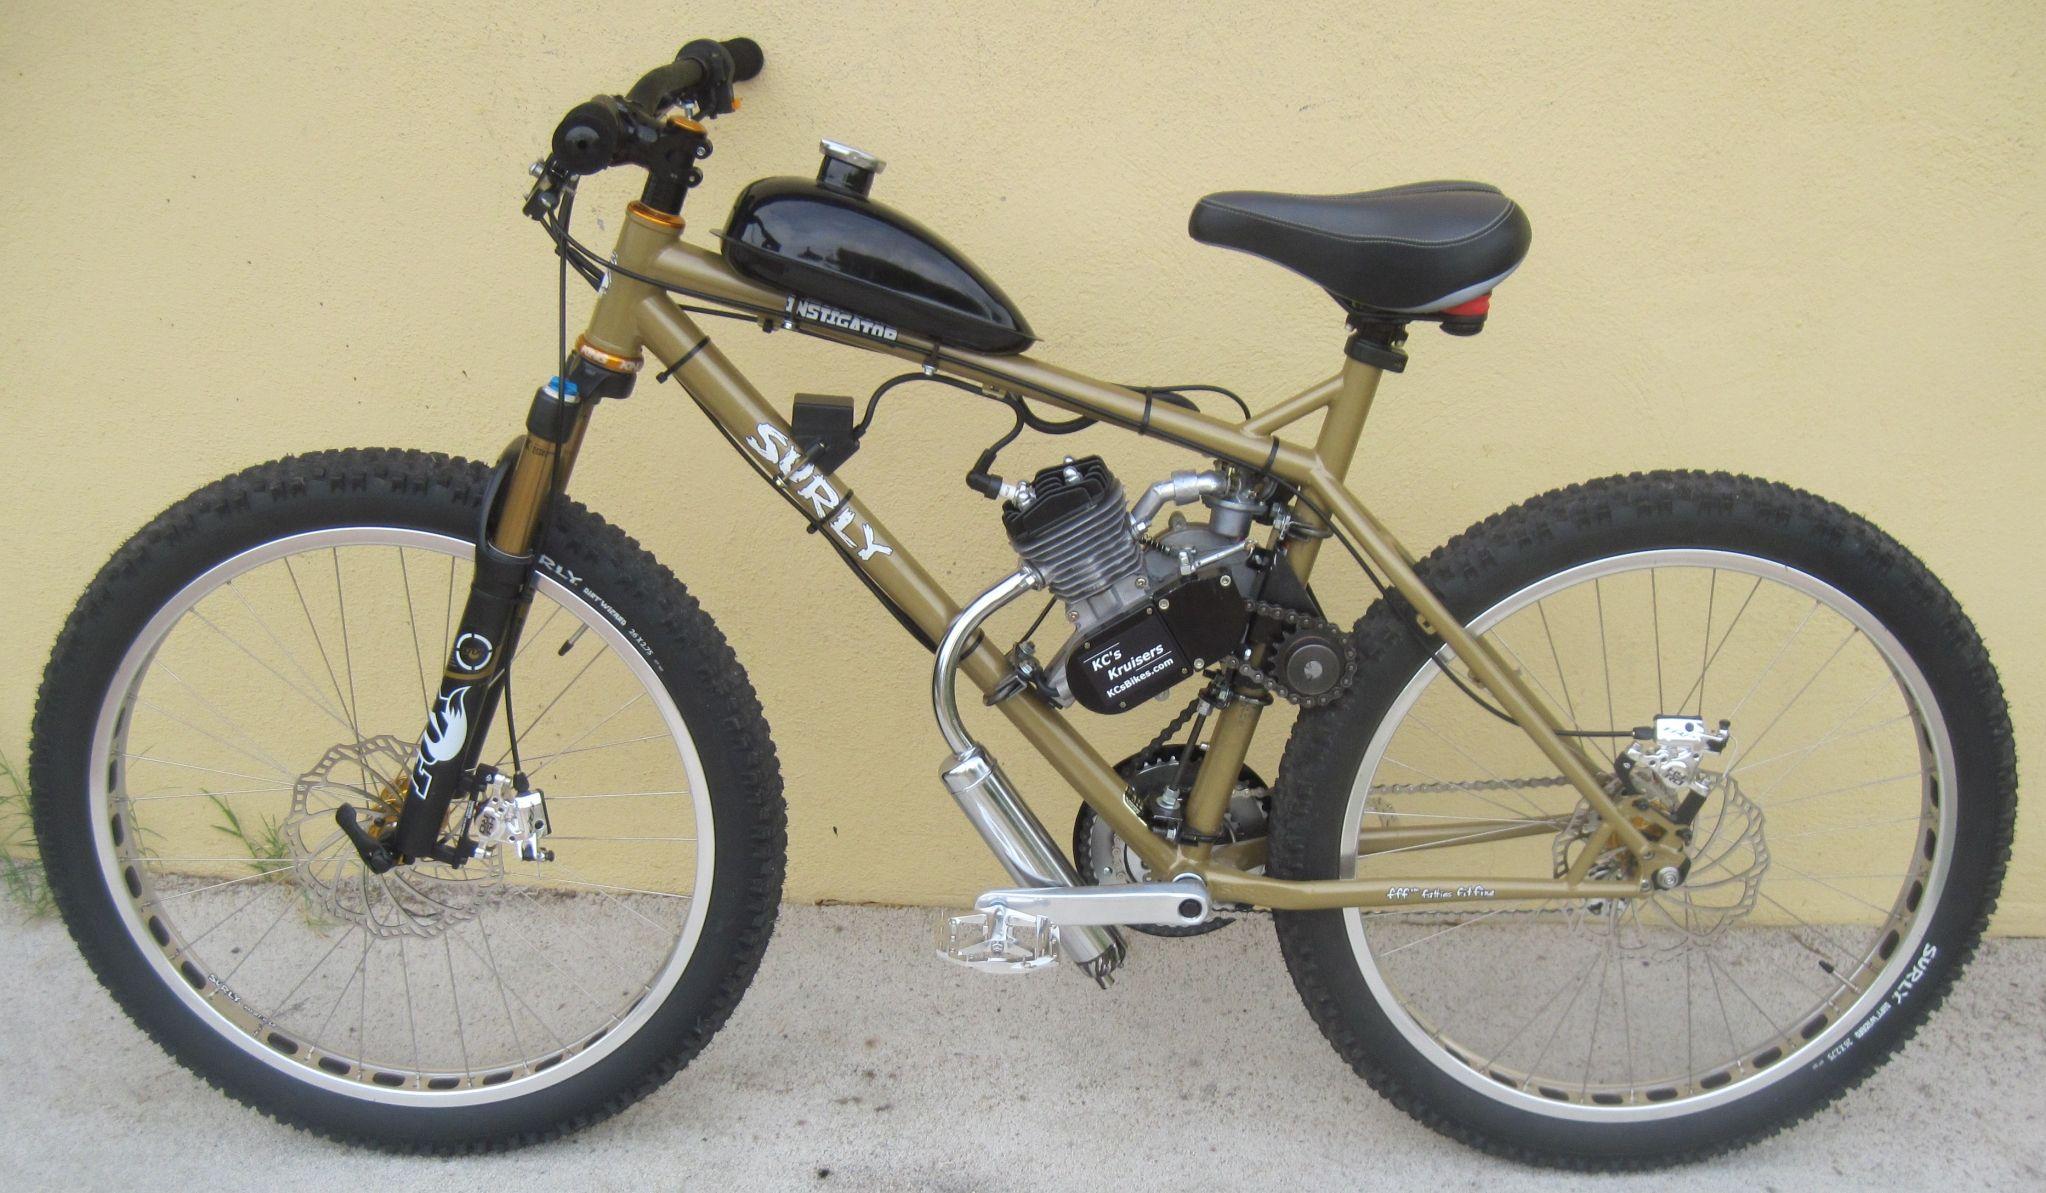 KC's Kruisers - Motorized Bike Forum - KC`s Surley Mule